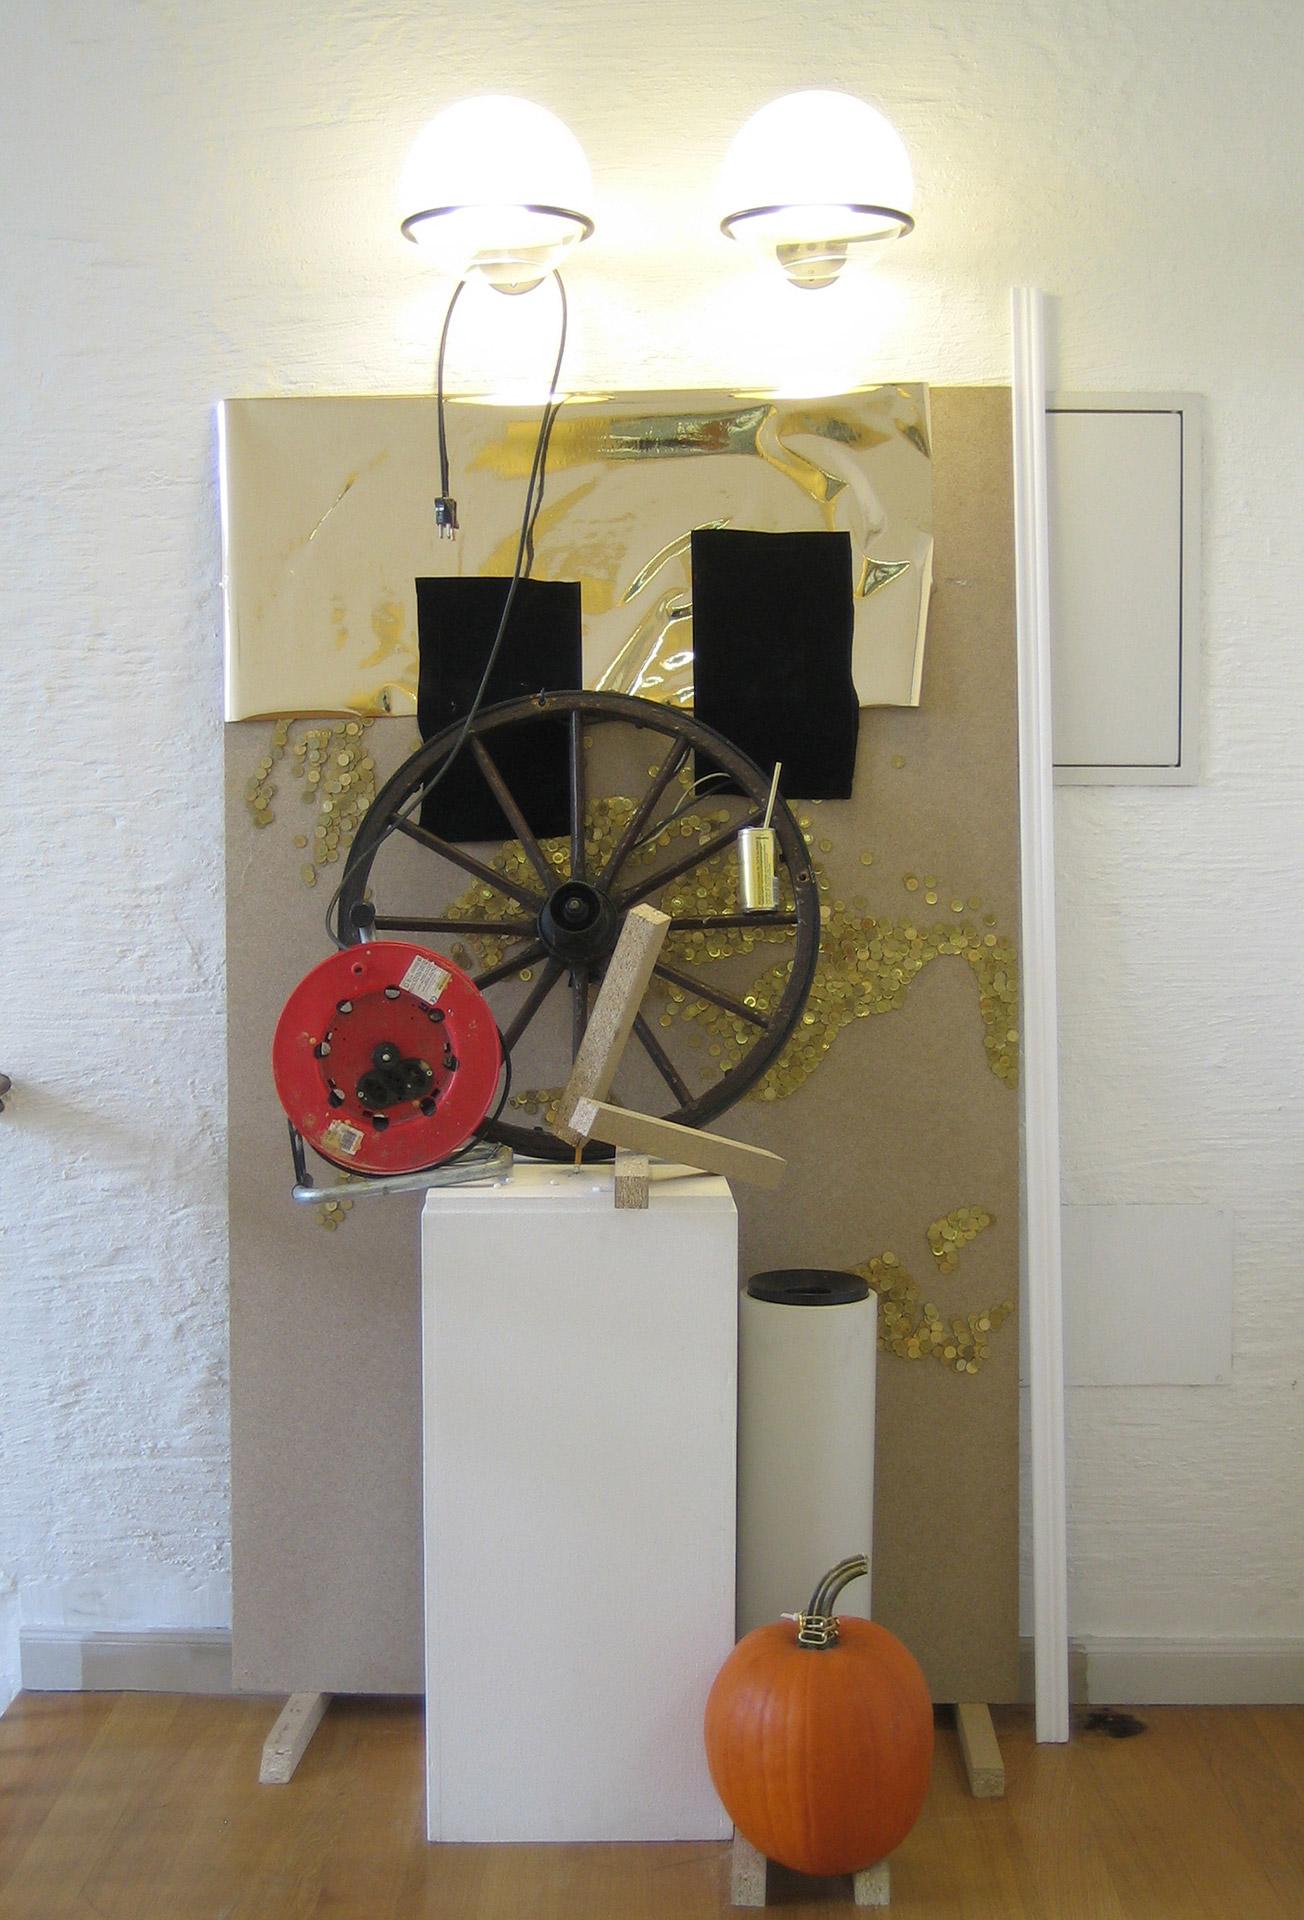 David-Renggli-Kunsthalle-Winterthur-2006-1.jpg